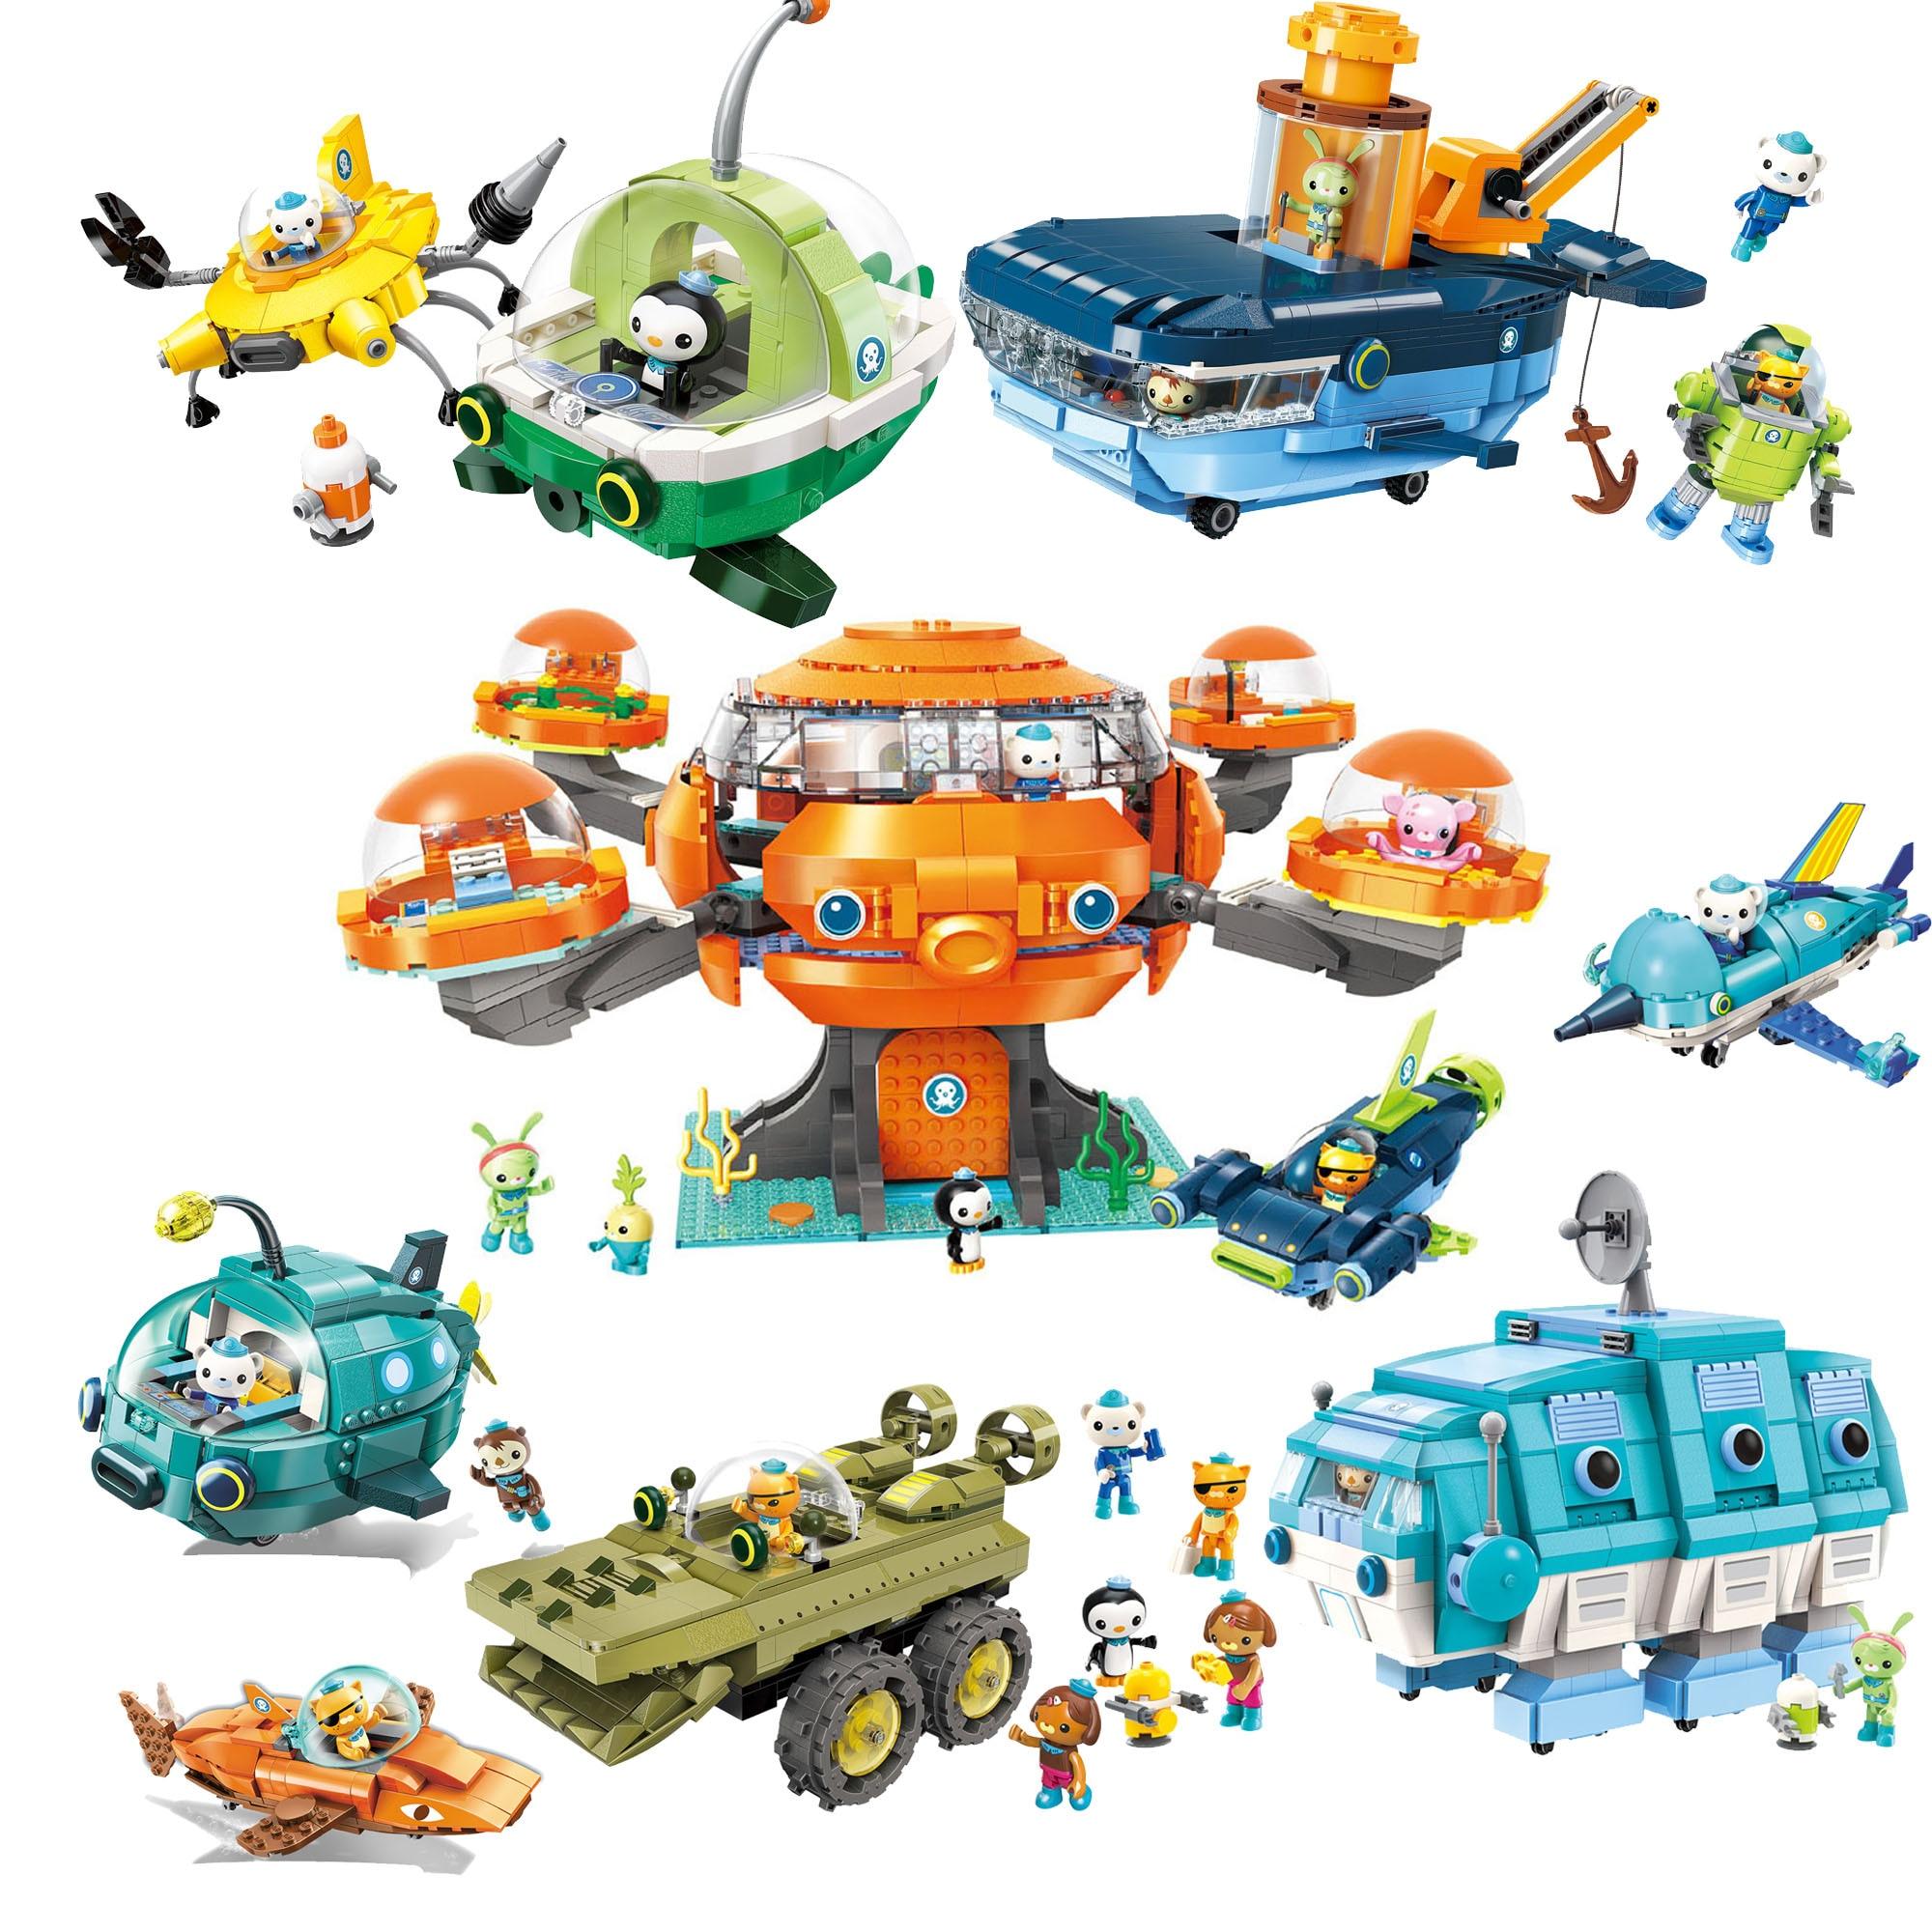 Octtonauts bloco de construção octood gup submarino barco oct-pod com GUP-C GUP-E GUP-D GUP-K GUP-I conjunto de tijolos para crianças presente